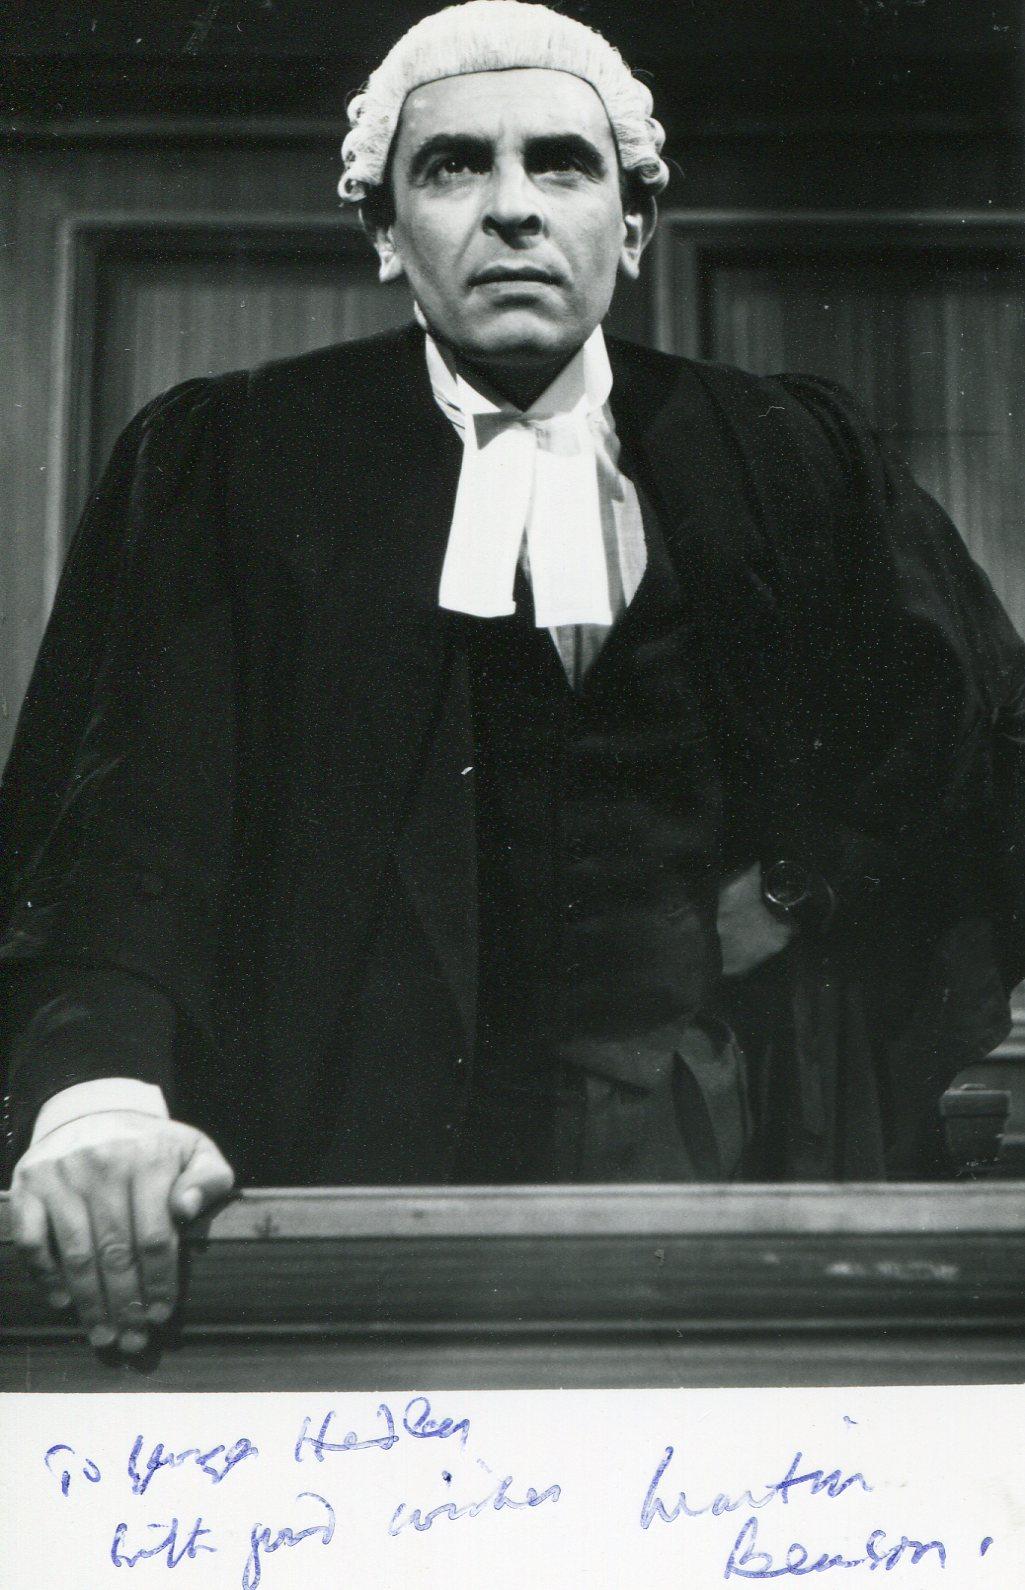 Martin Benson (1918-2010)